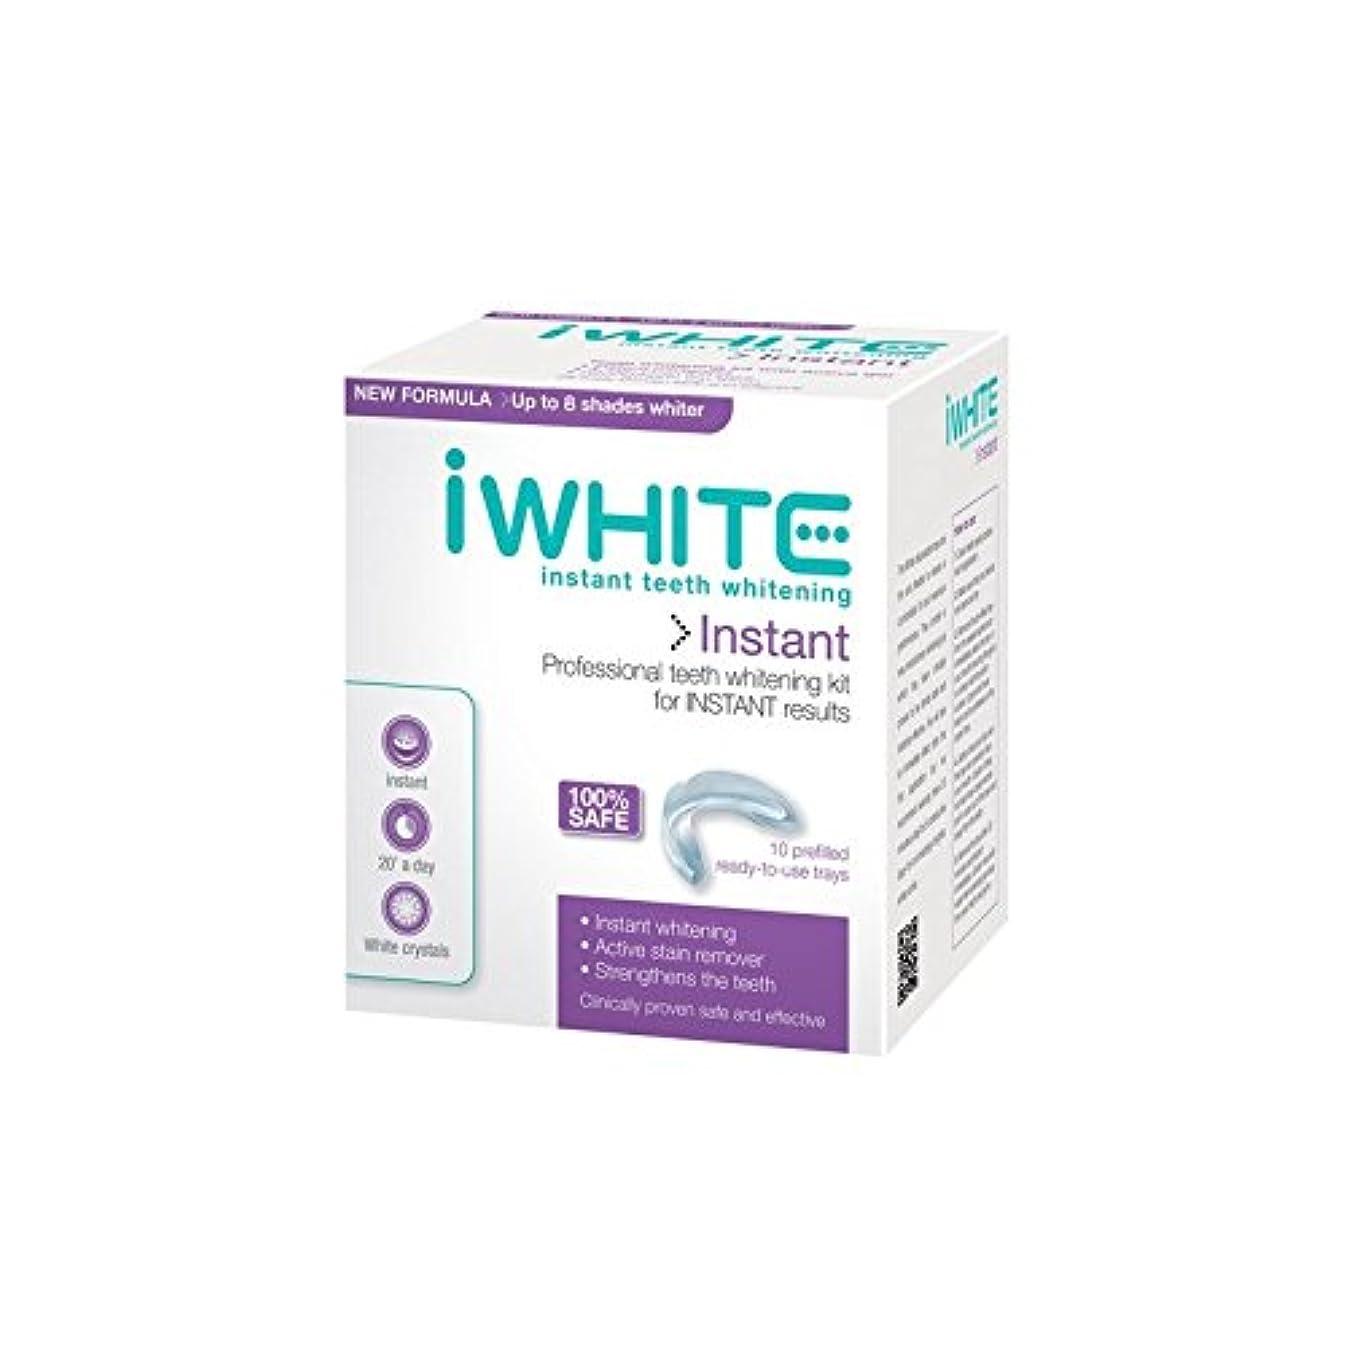 クラス命令試みiWhite Instant Professional Teeth Whitening Kit (10 Trays) (Pack of 6) - キットを白くするインスタントプロの歯(10個のトレー) x6 [並行輸入品]